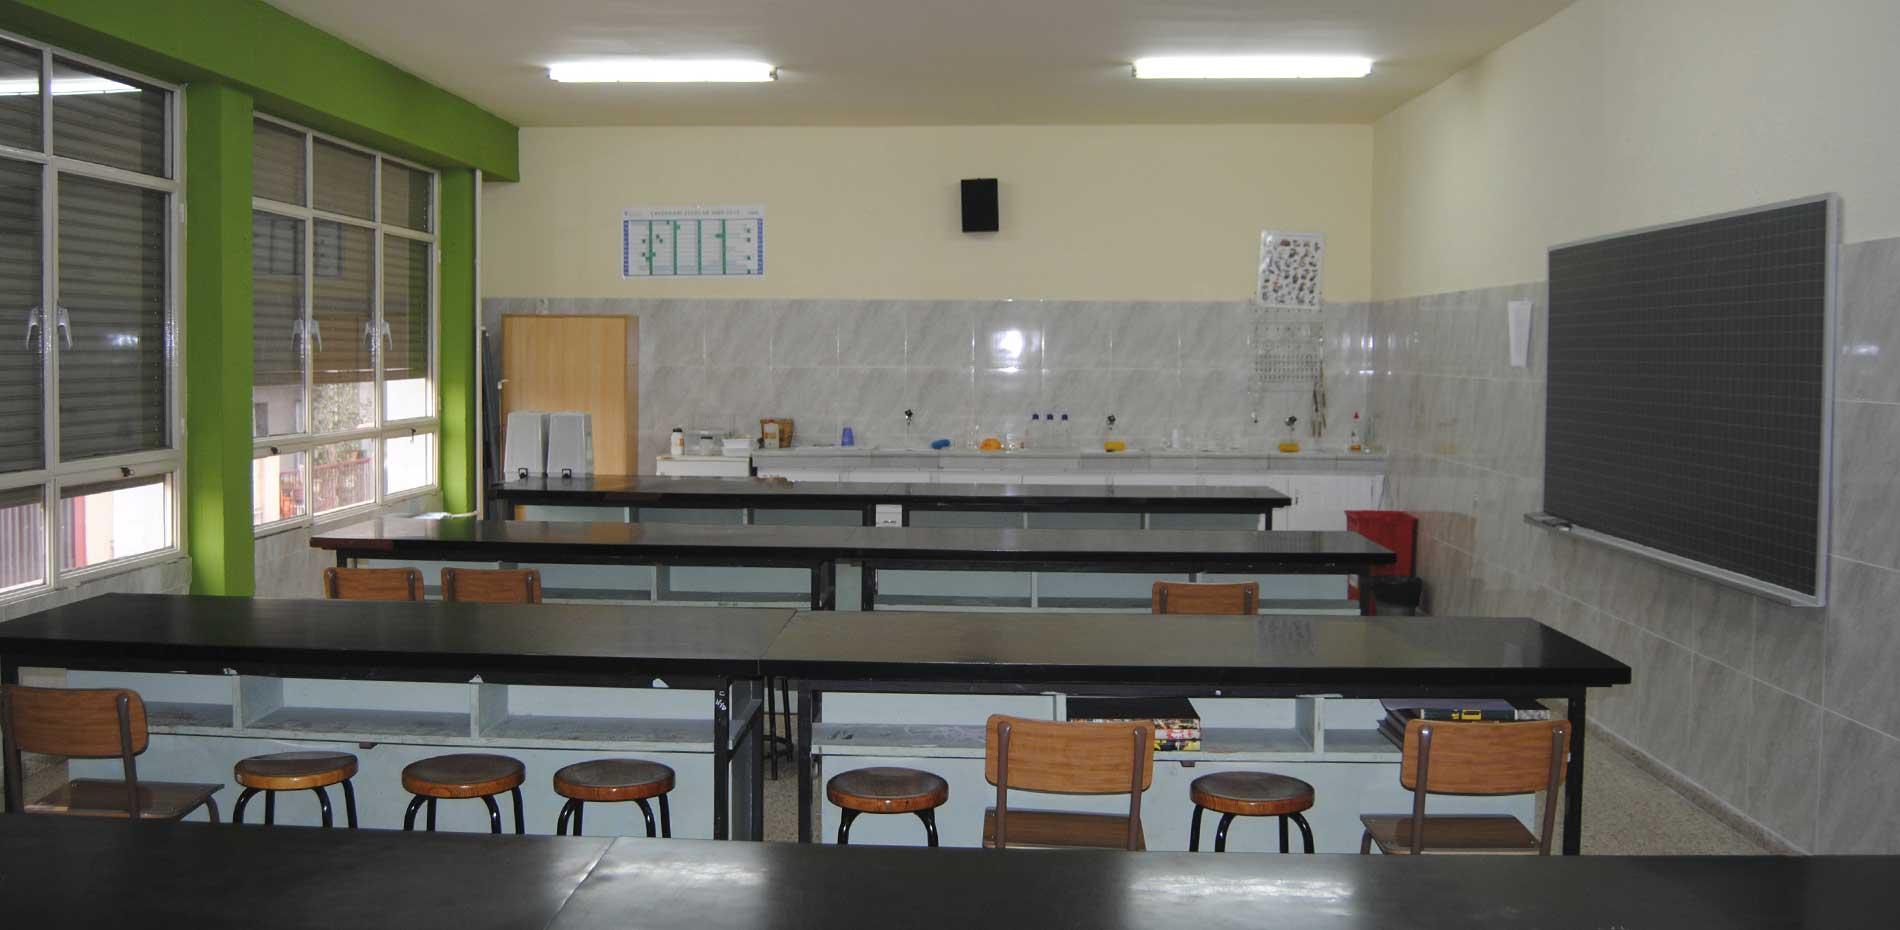 Laboratori de naturals